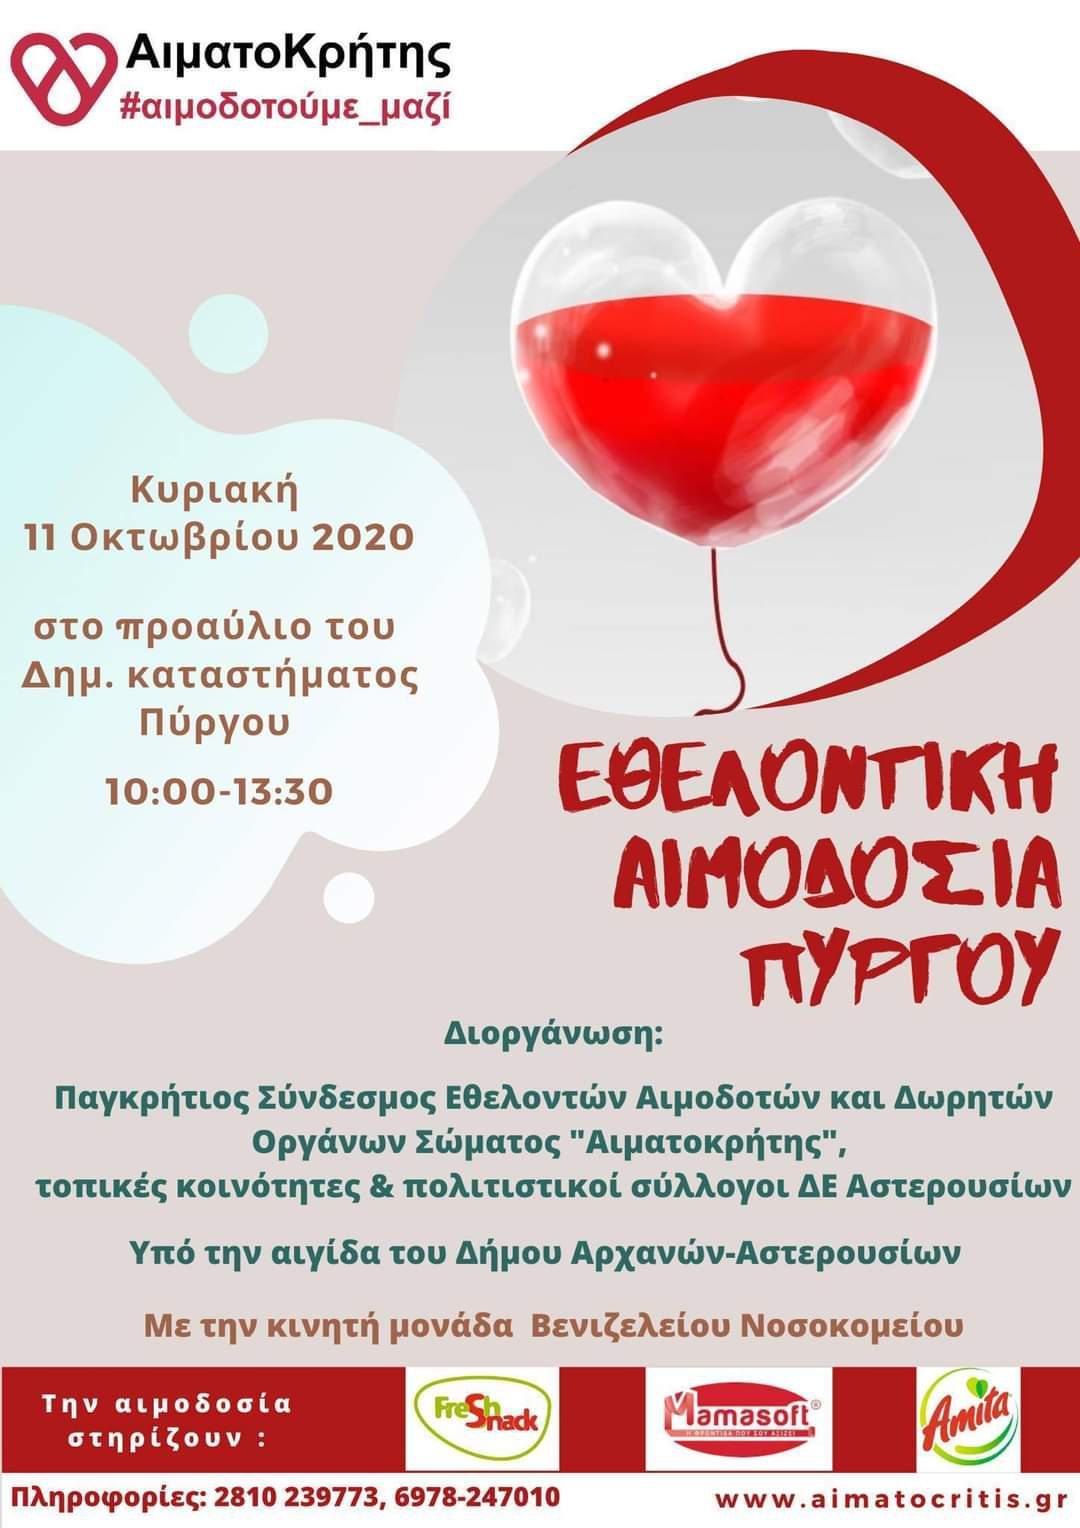 Εθελοντική αιμοδοσία την Κυριακή 11 Οκτωβρίου στον Πύργο Μονοφατσίου